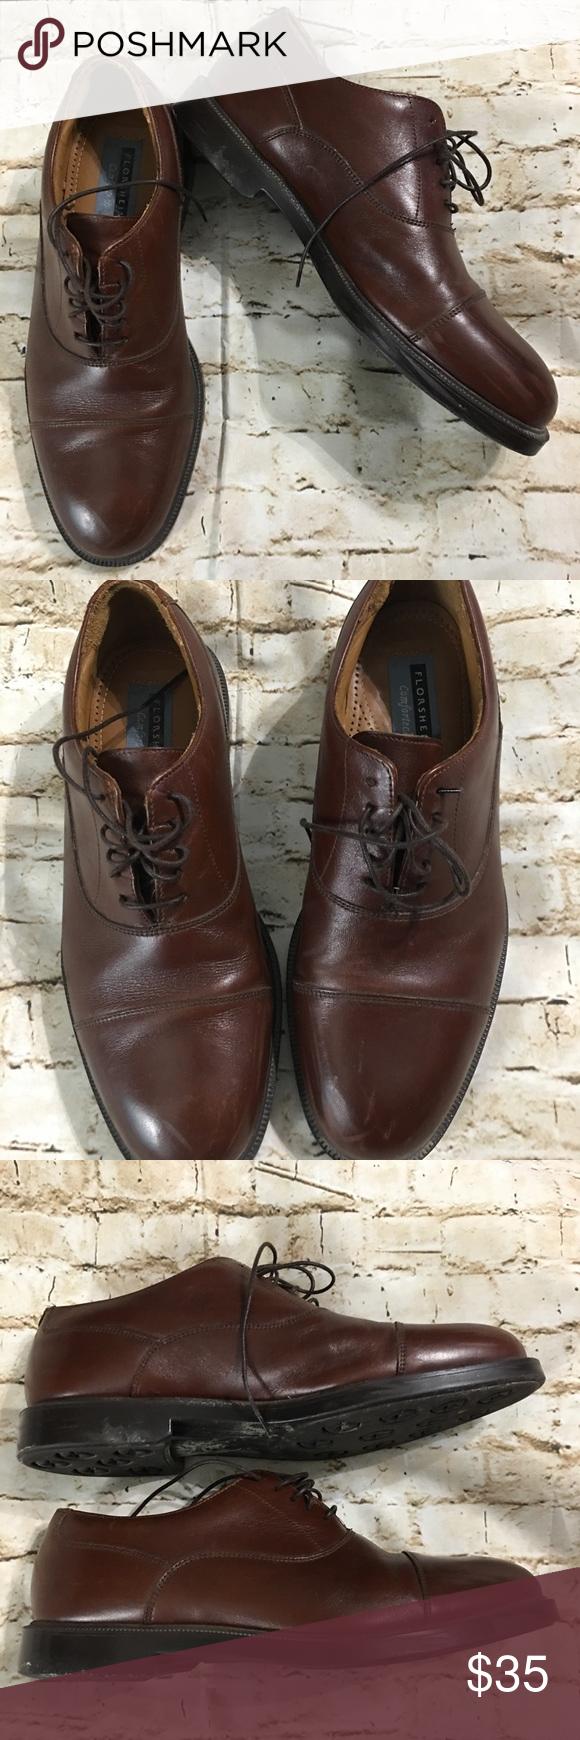 7900ee9365e Florsheim Comfortech Leather Dress Size Shoes 8.5M